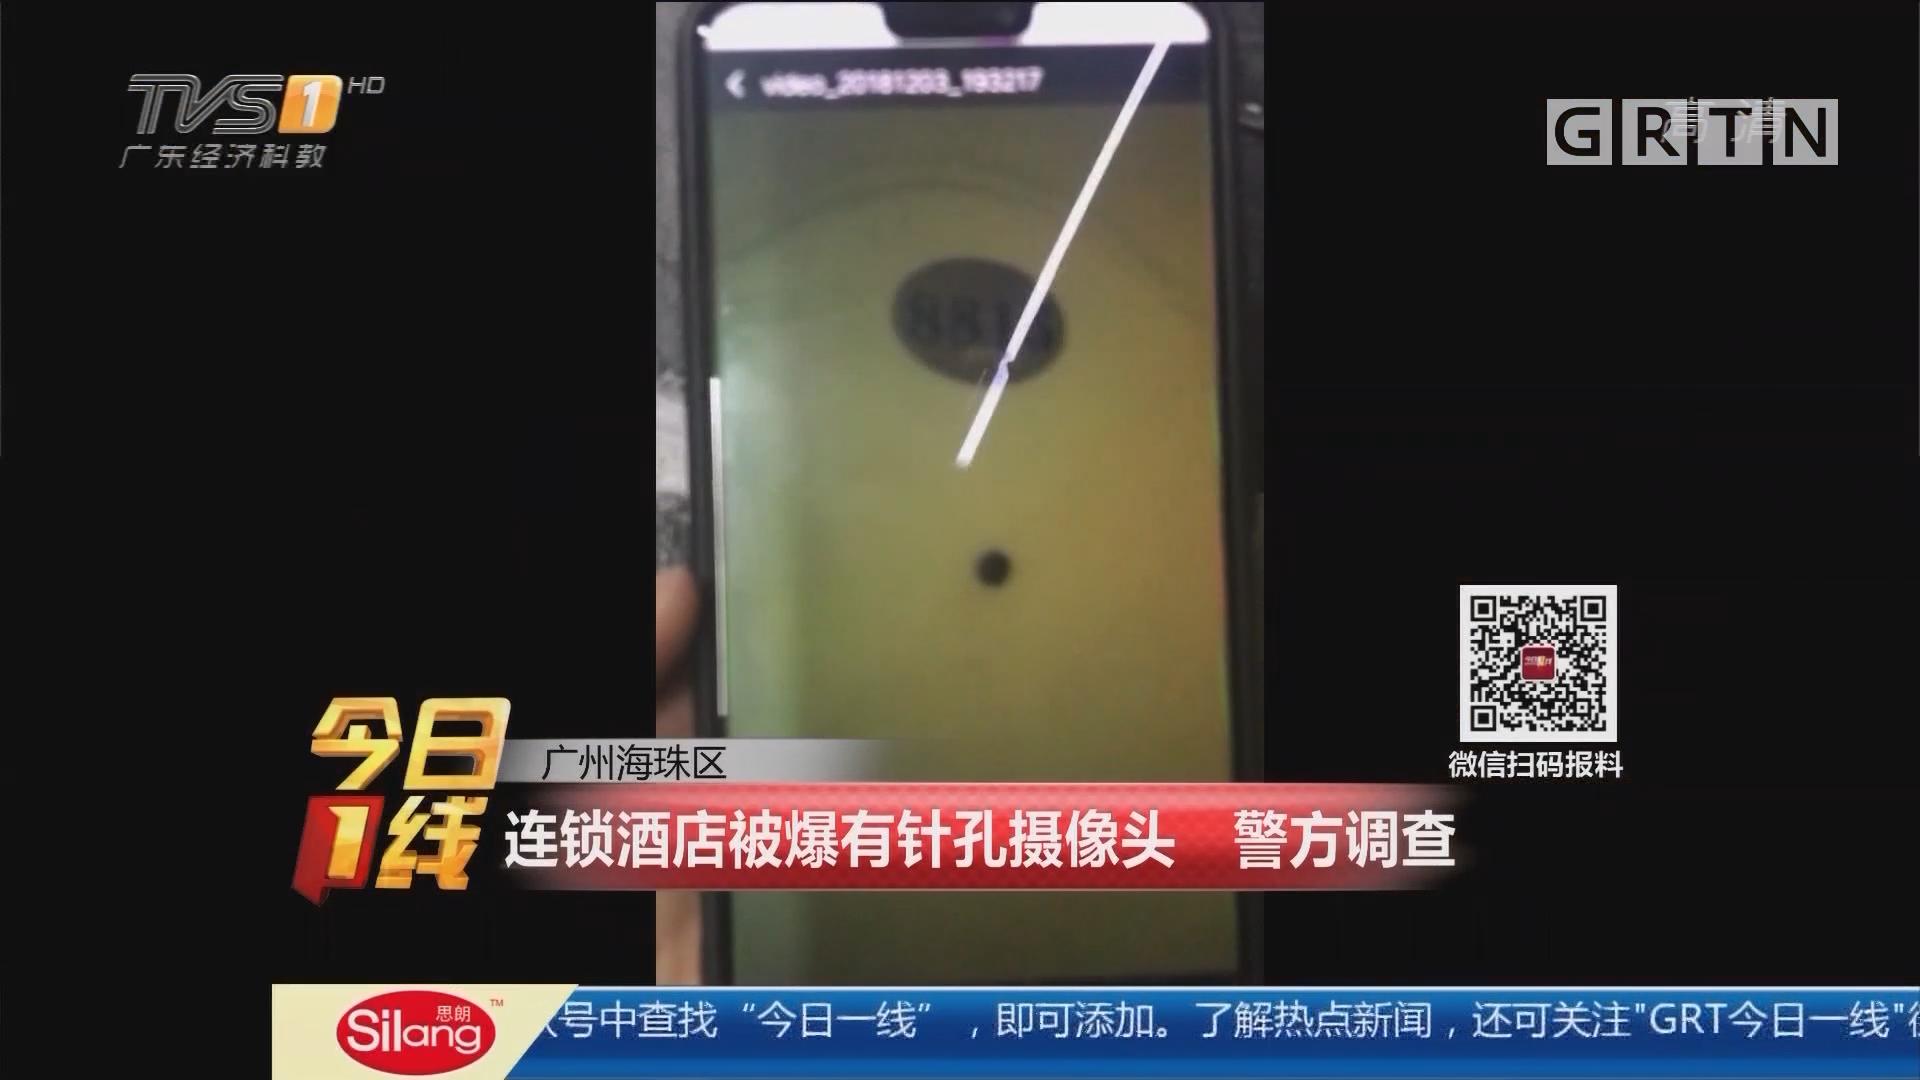 广州海珠区:连锁酒店被爆有针孔摄像头 警方调查